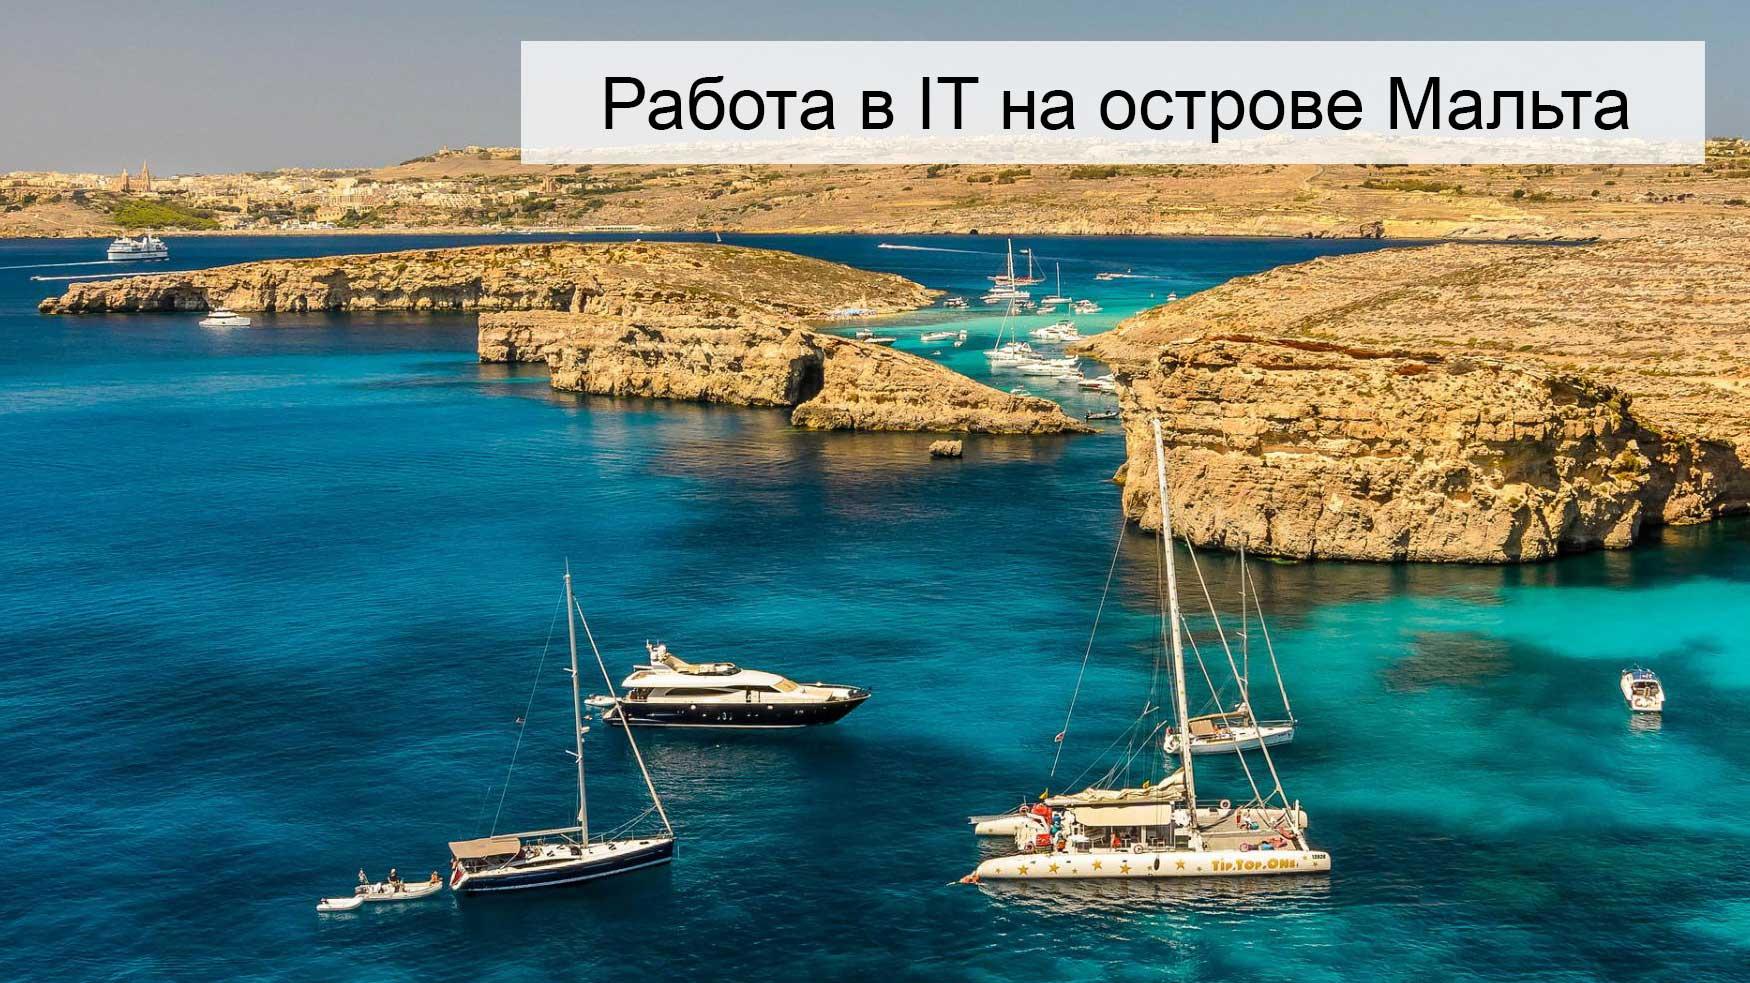 Мальта как новое направление для IT специалистов